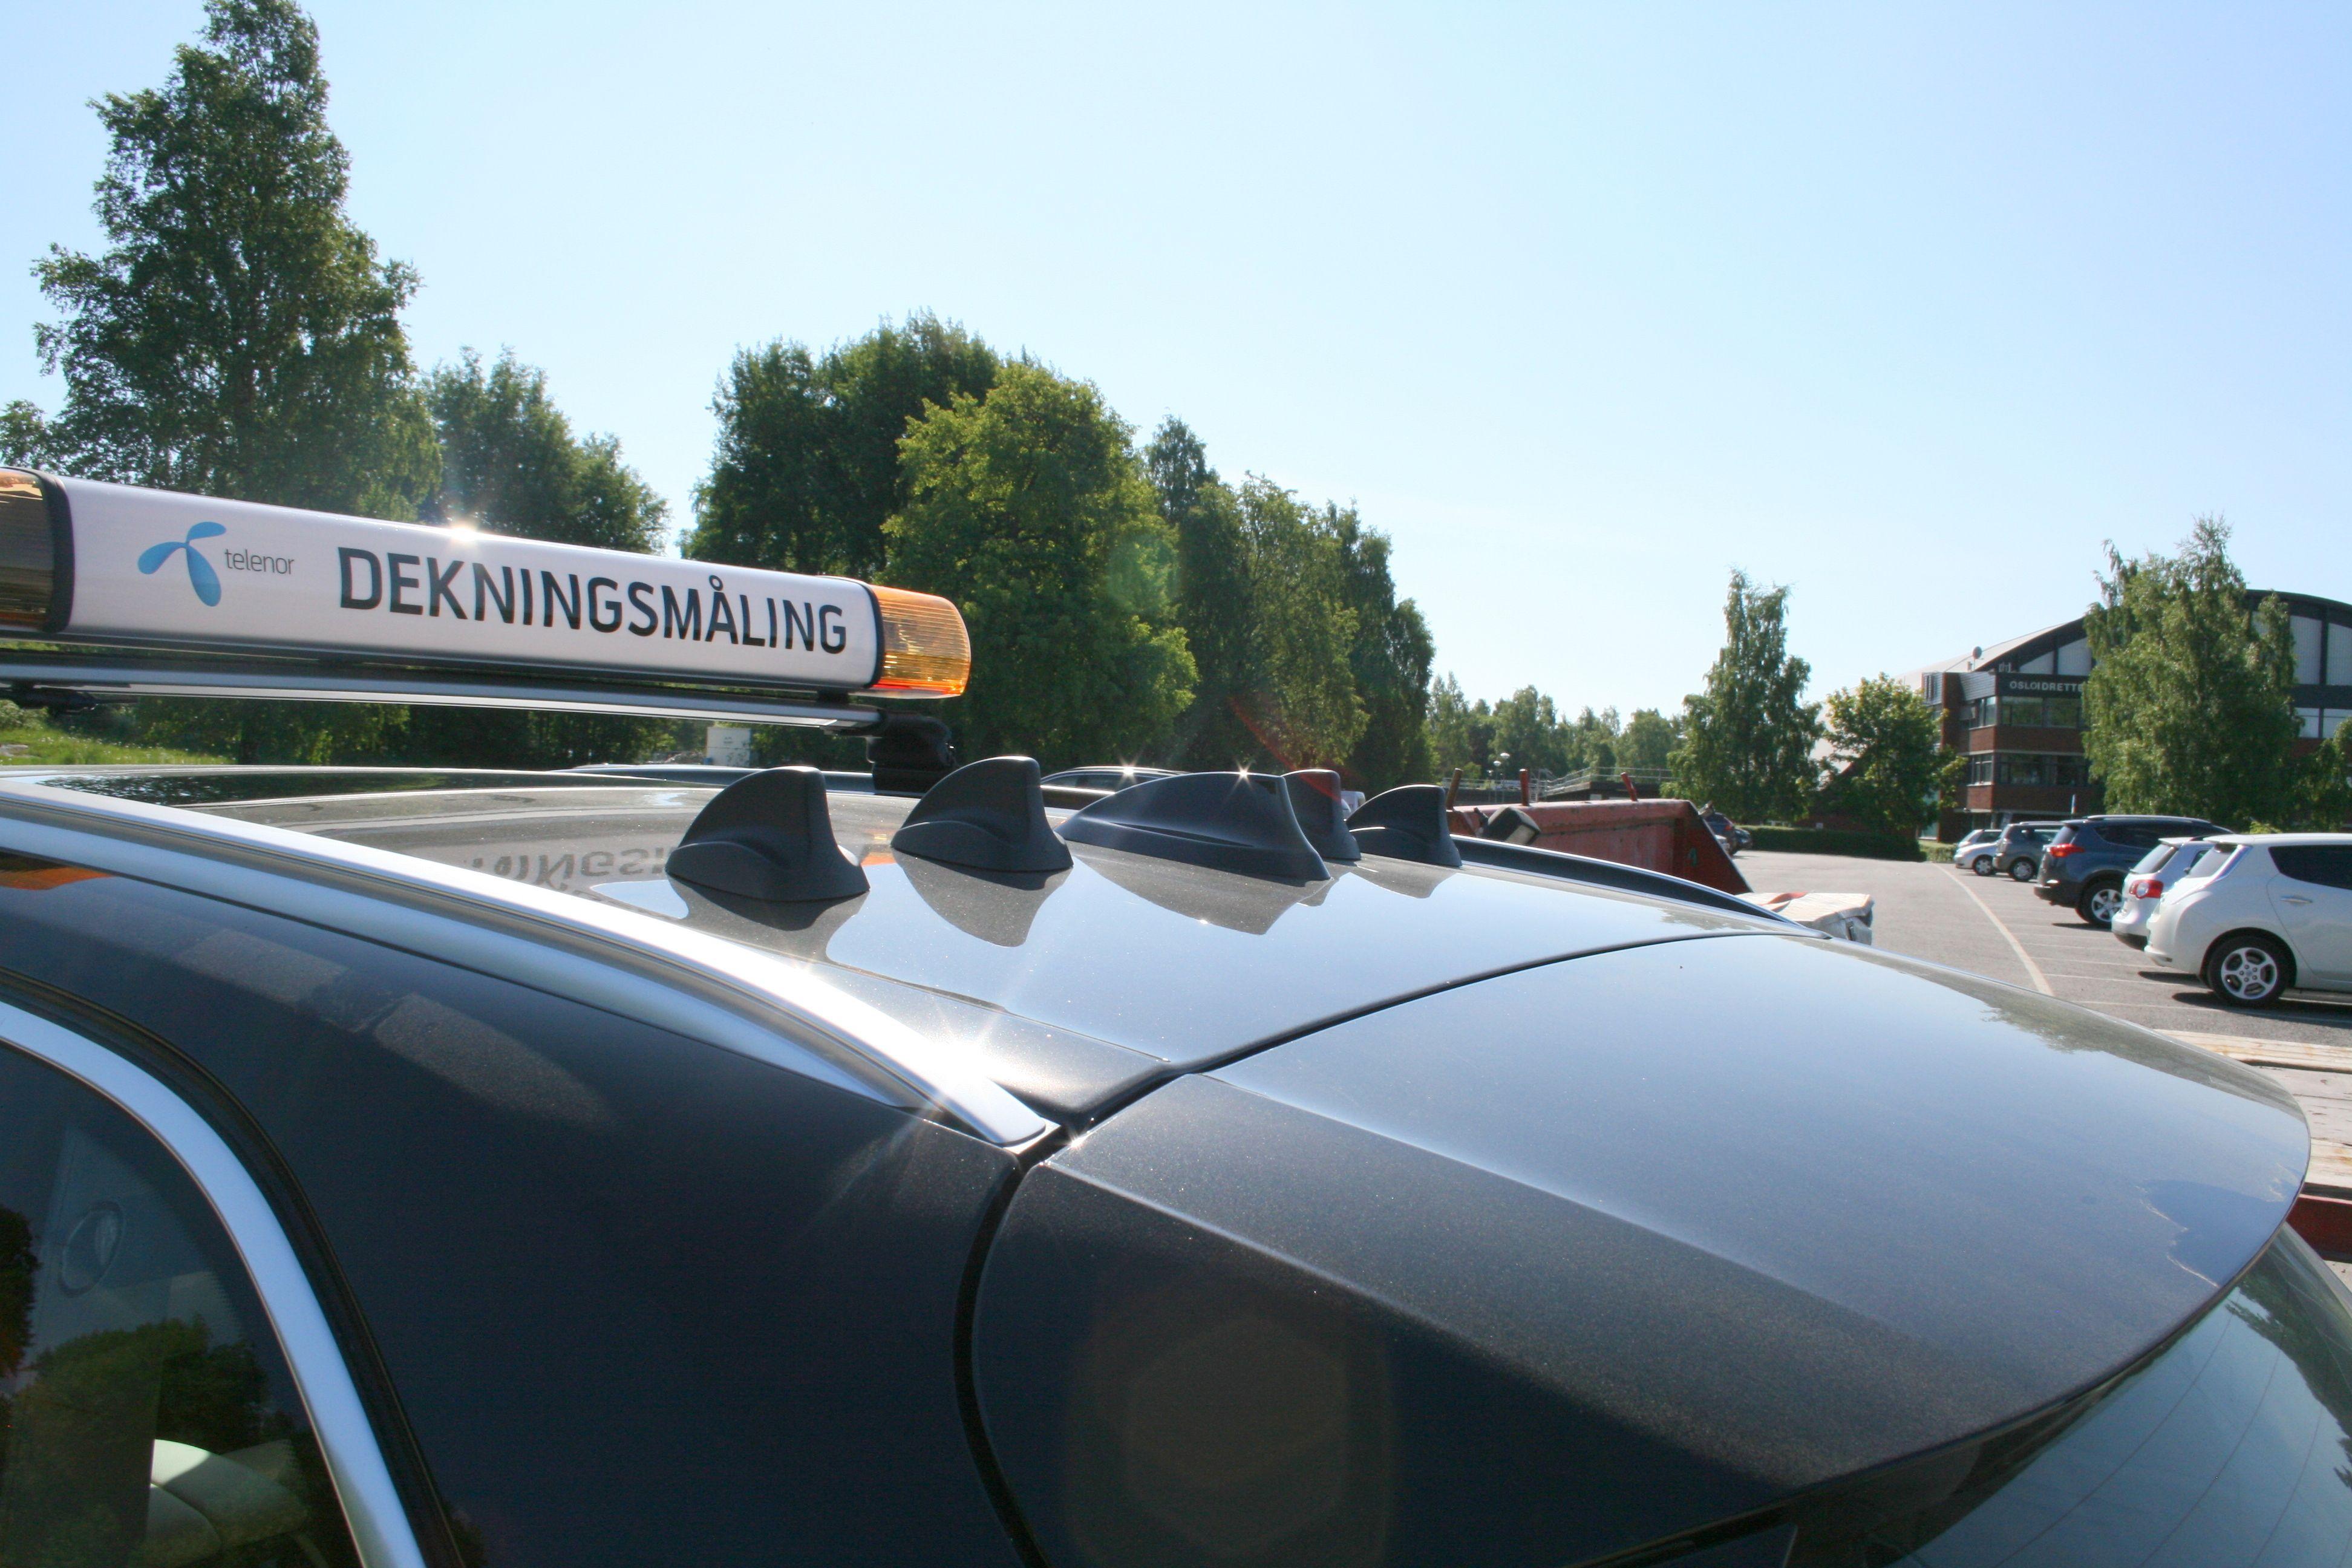 Antennene er bygget inn i aerodynamiske finner på taket av BMW-en.